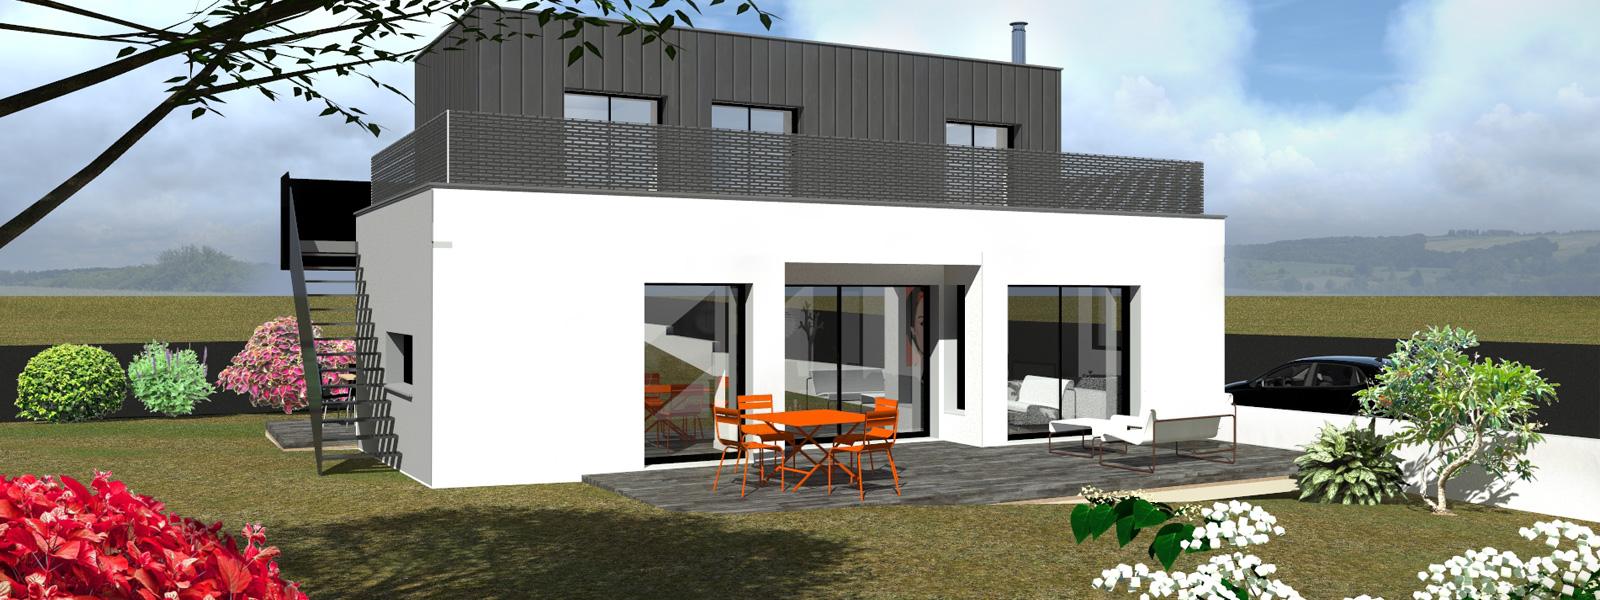 Idéal habitat 35 Rennes maitre d'oeuvre